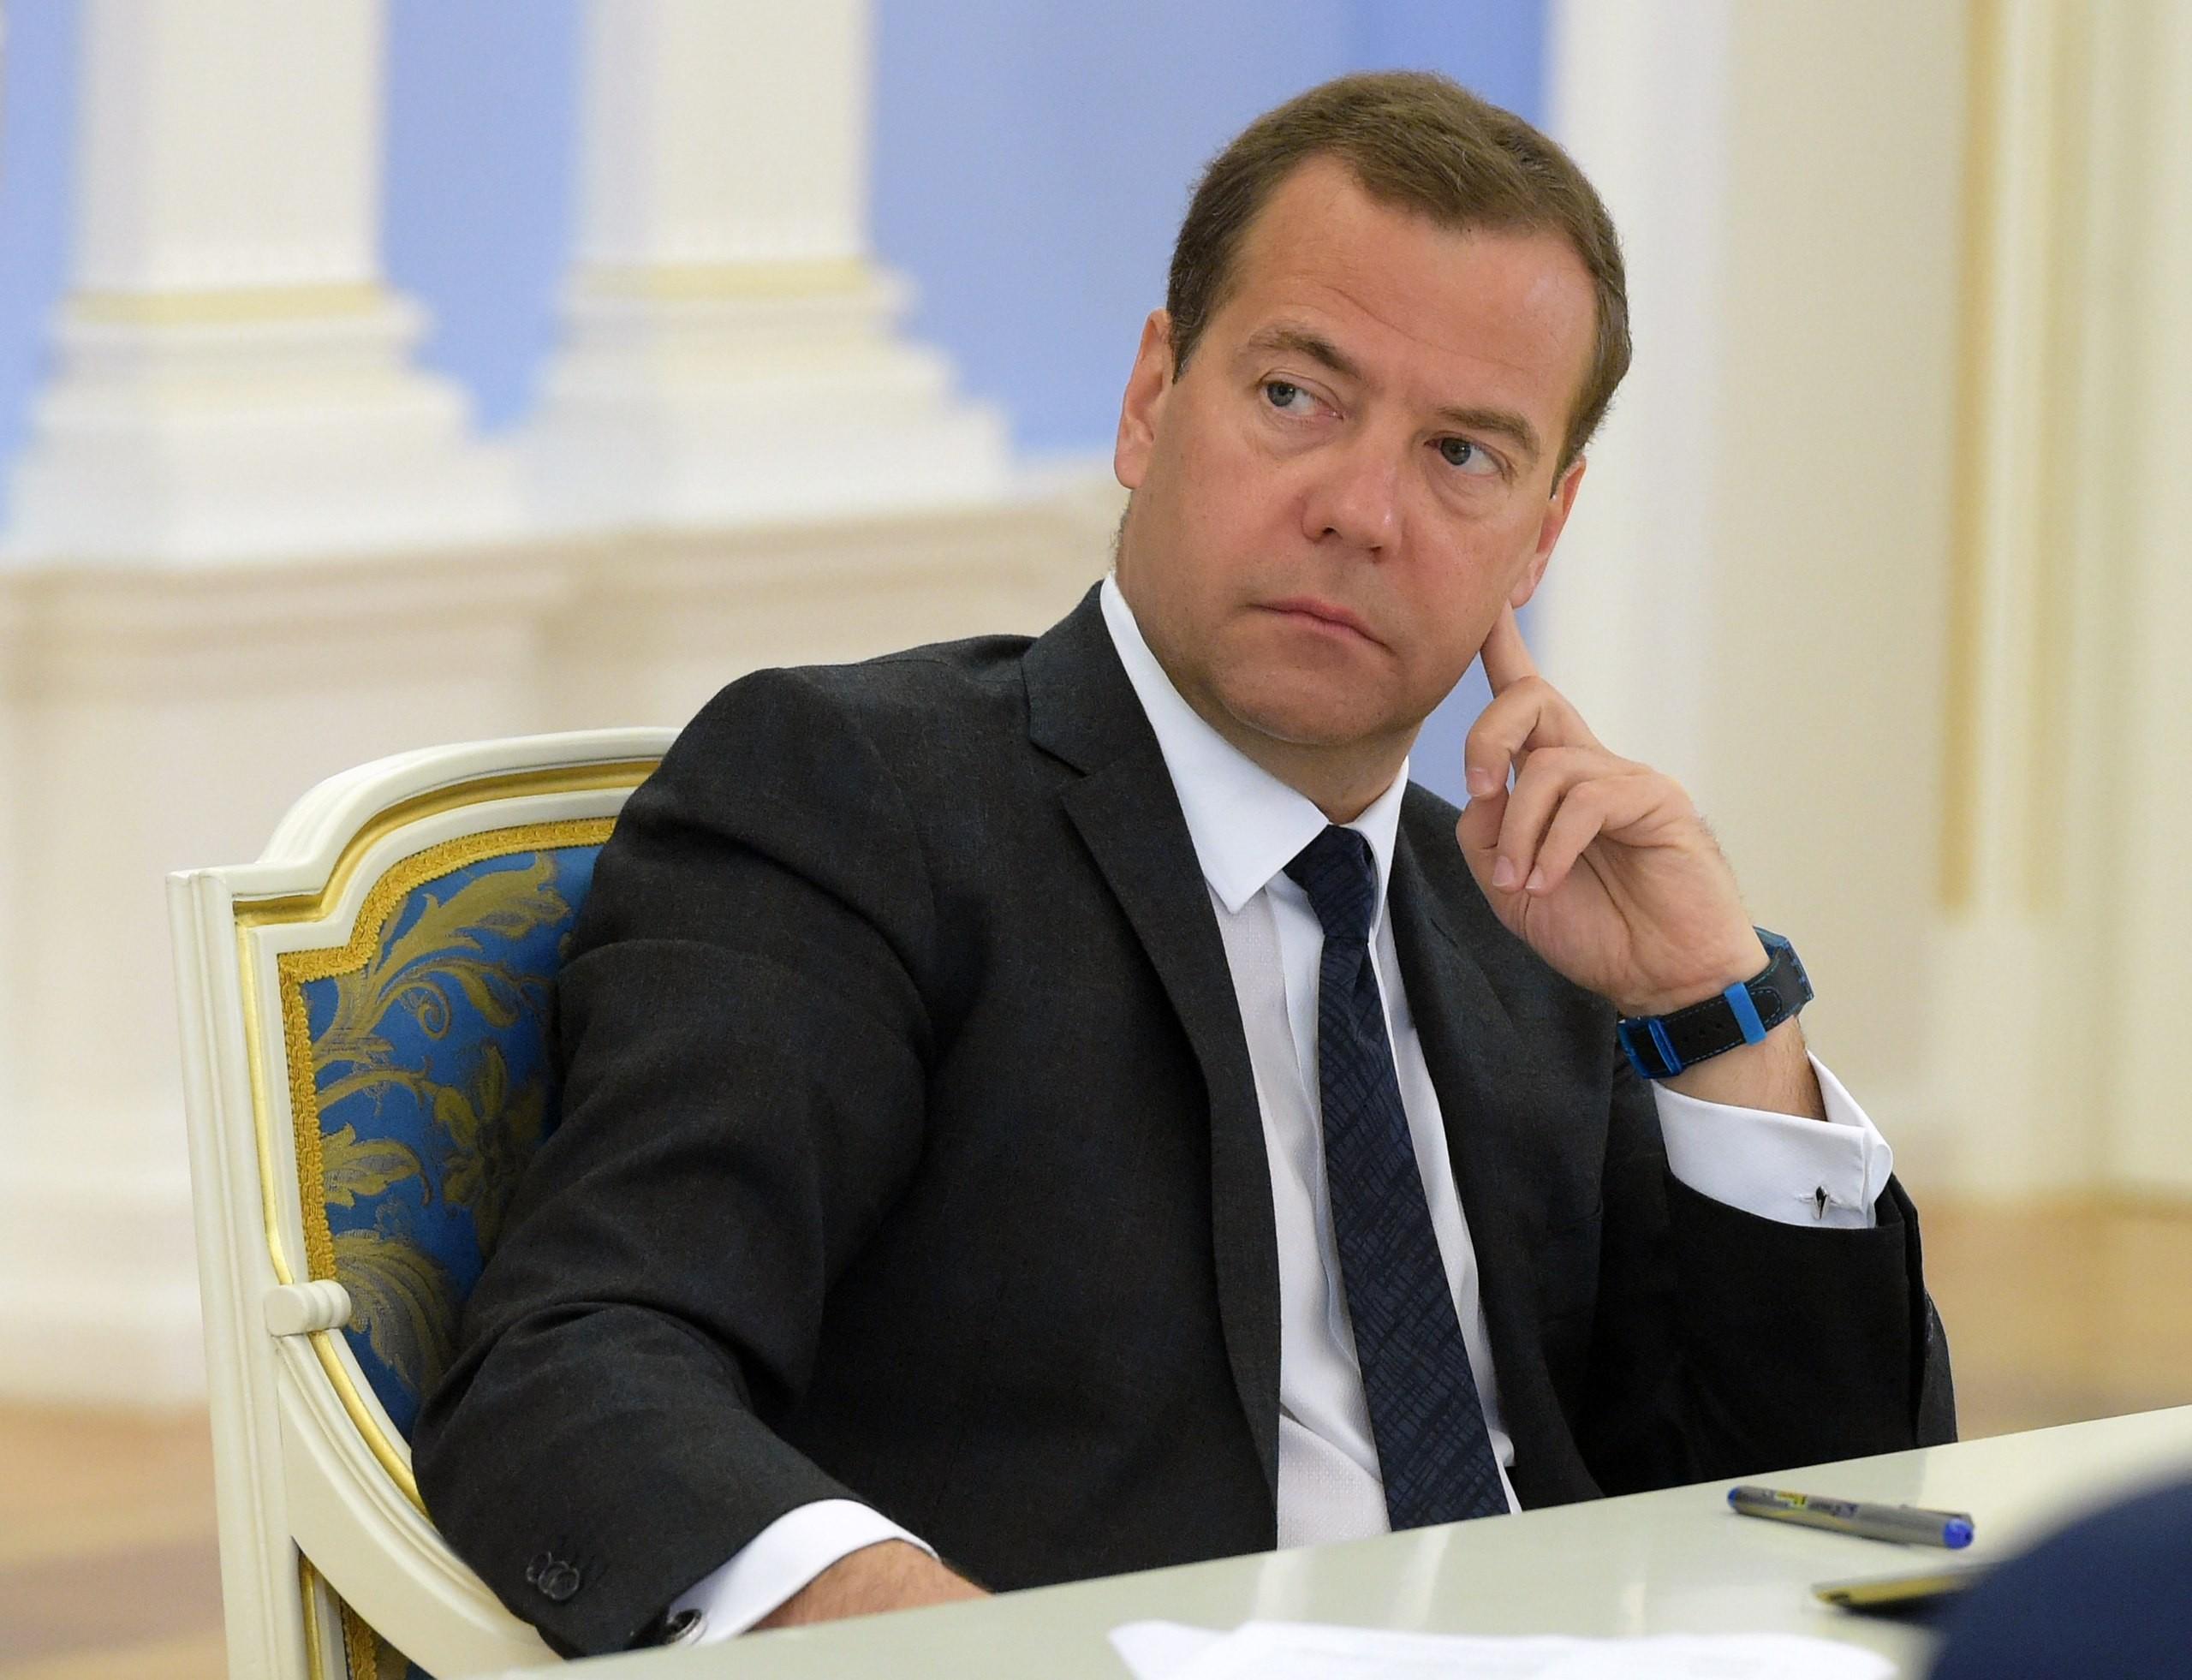 Медведев допустил возможность разрыва дипотношений с Украиной